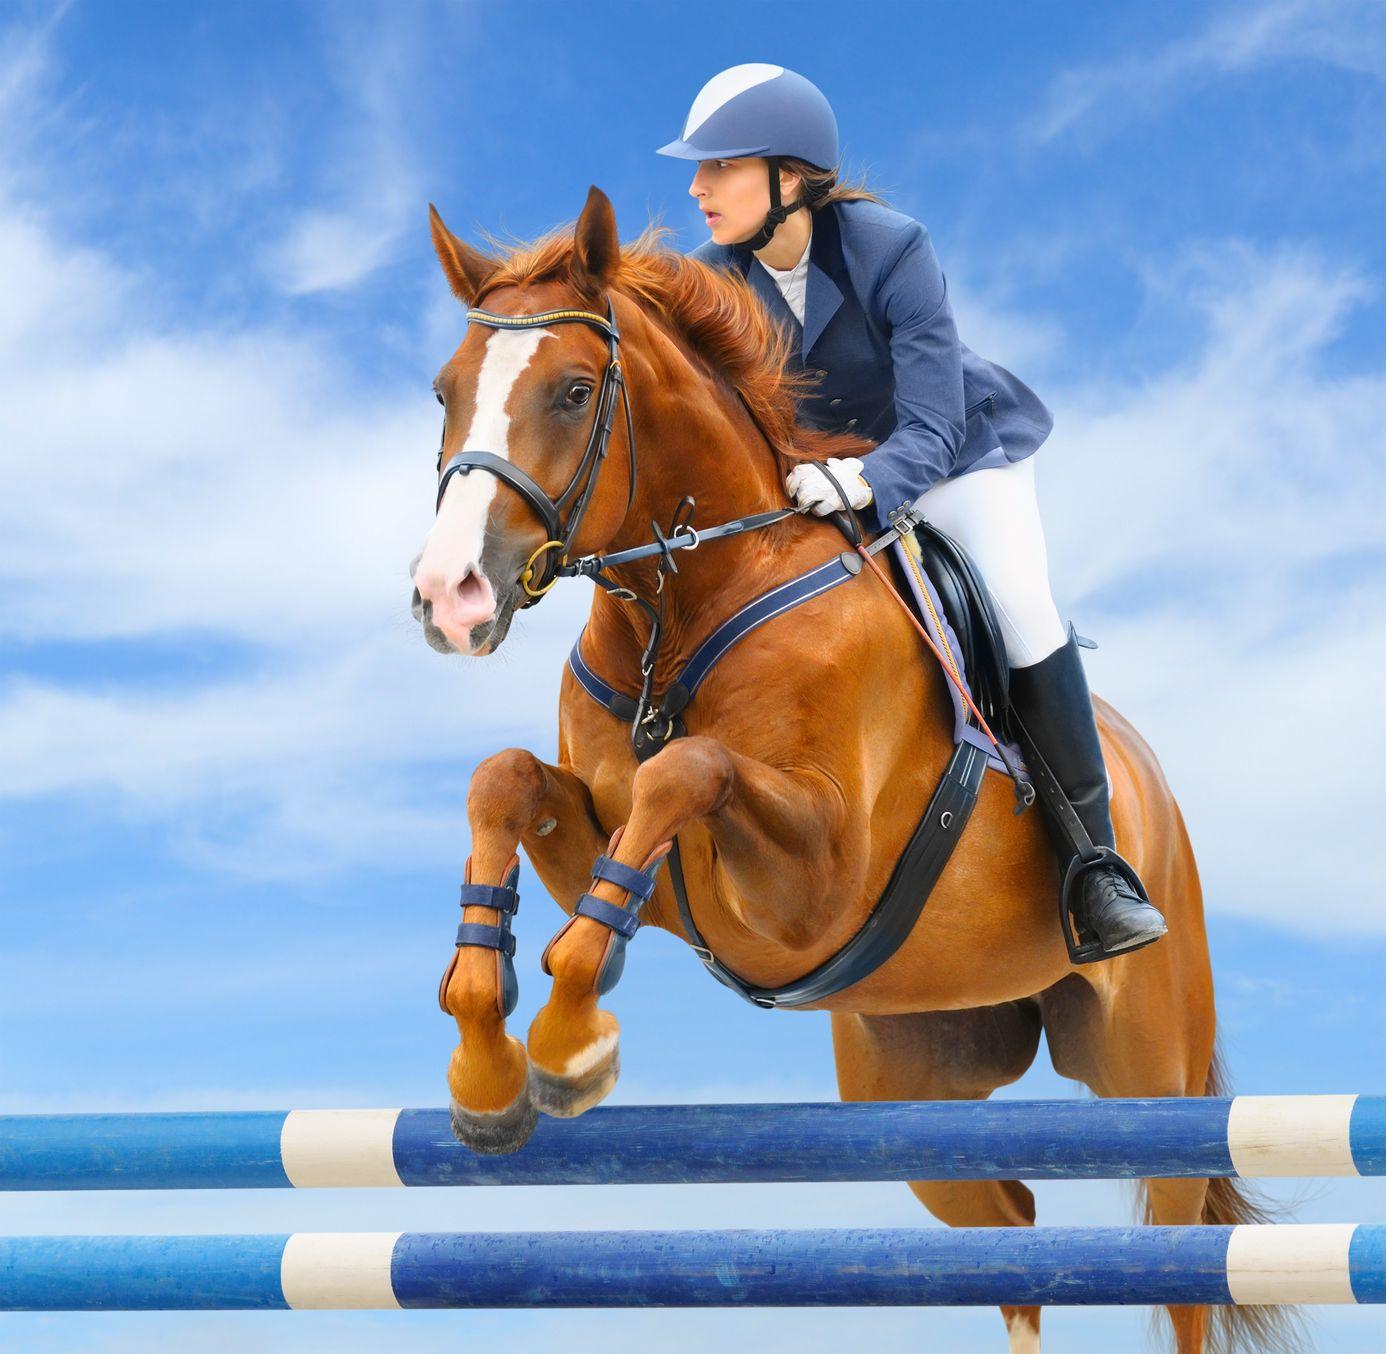 Equitación: El arte de cabalgar con técnica y destreza